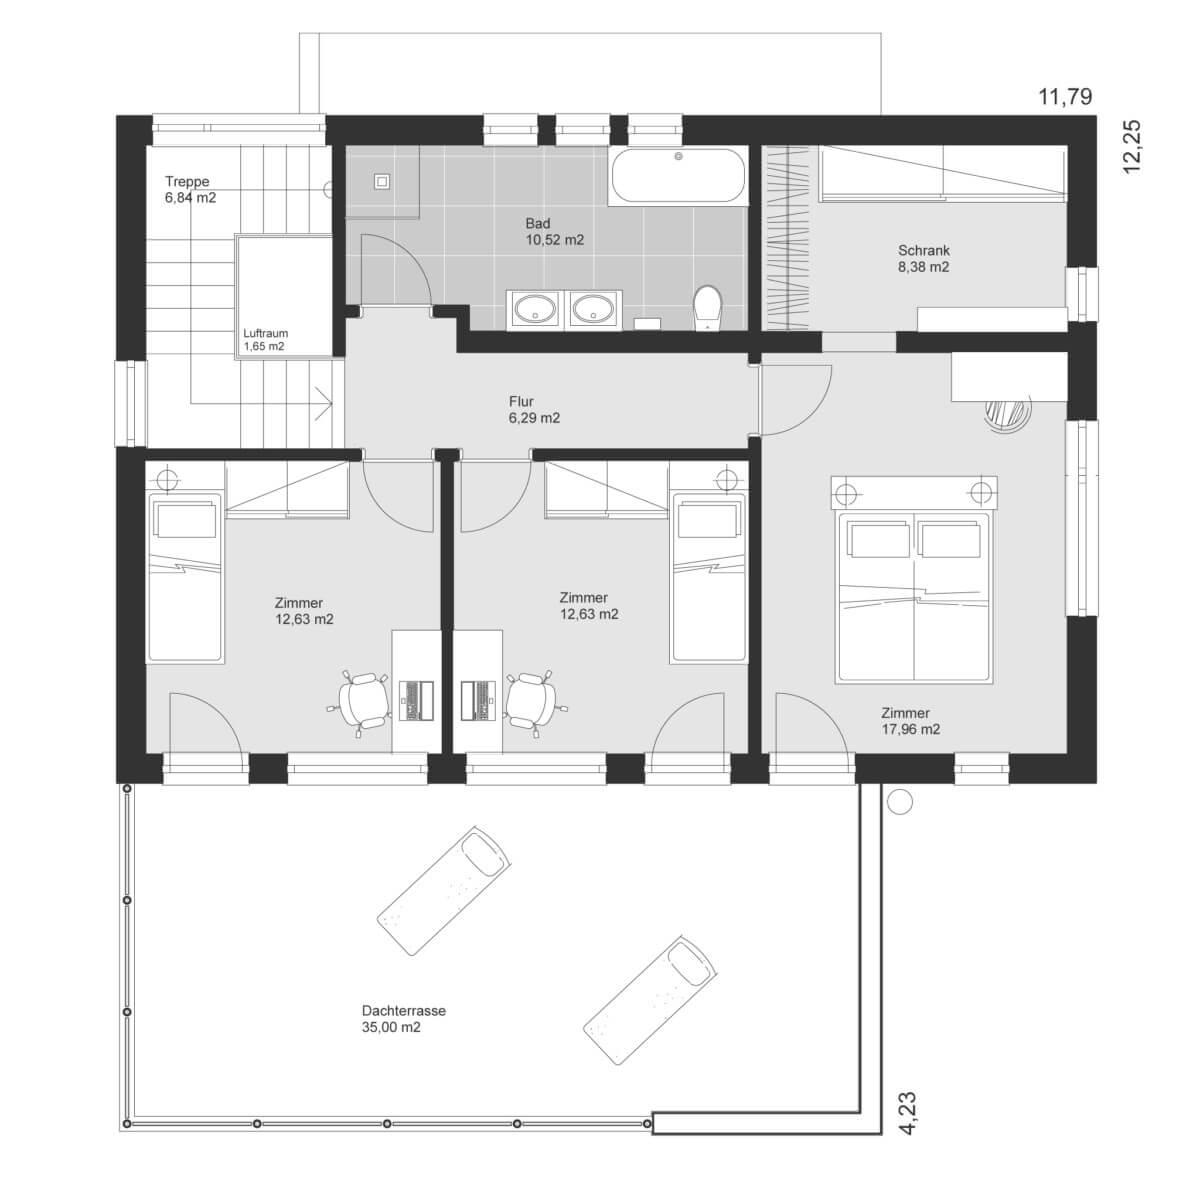 Einfamilienhaus Grundriss Obergeschoss modern mit Flachdach & Dachterrasse, 5 Zimmer, 160 qm - Haus Design Ideen Skizze Fertighaus ELK Haus 164 - HausbauDirekt.de